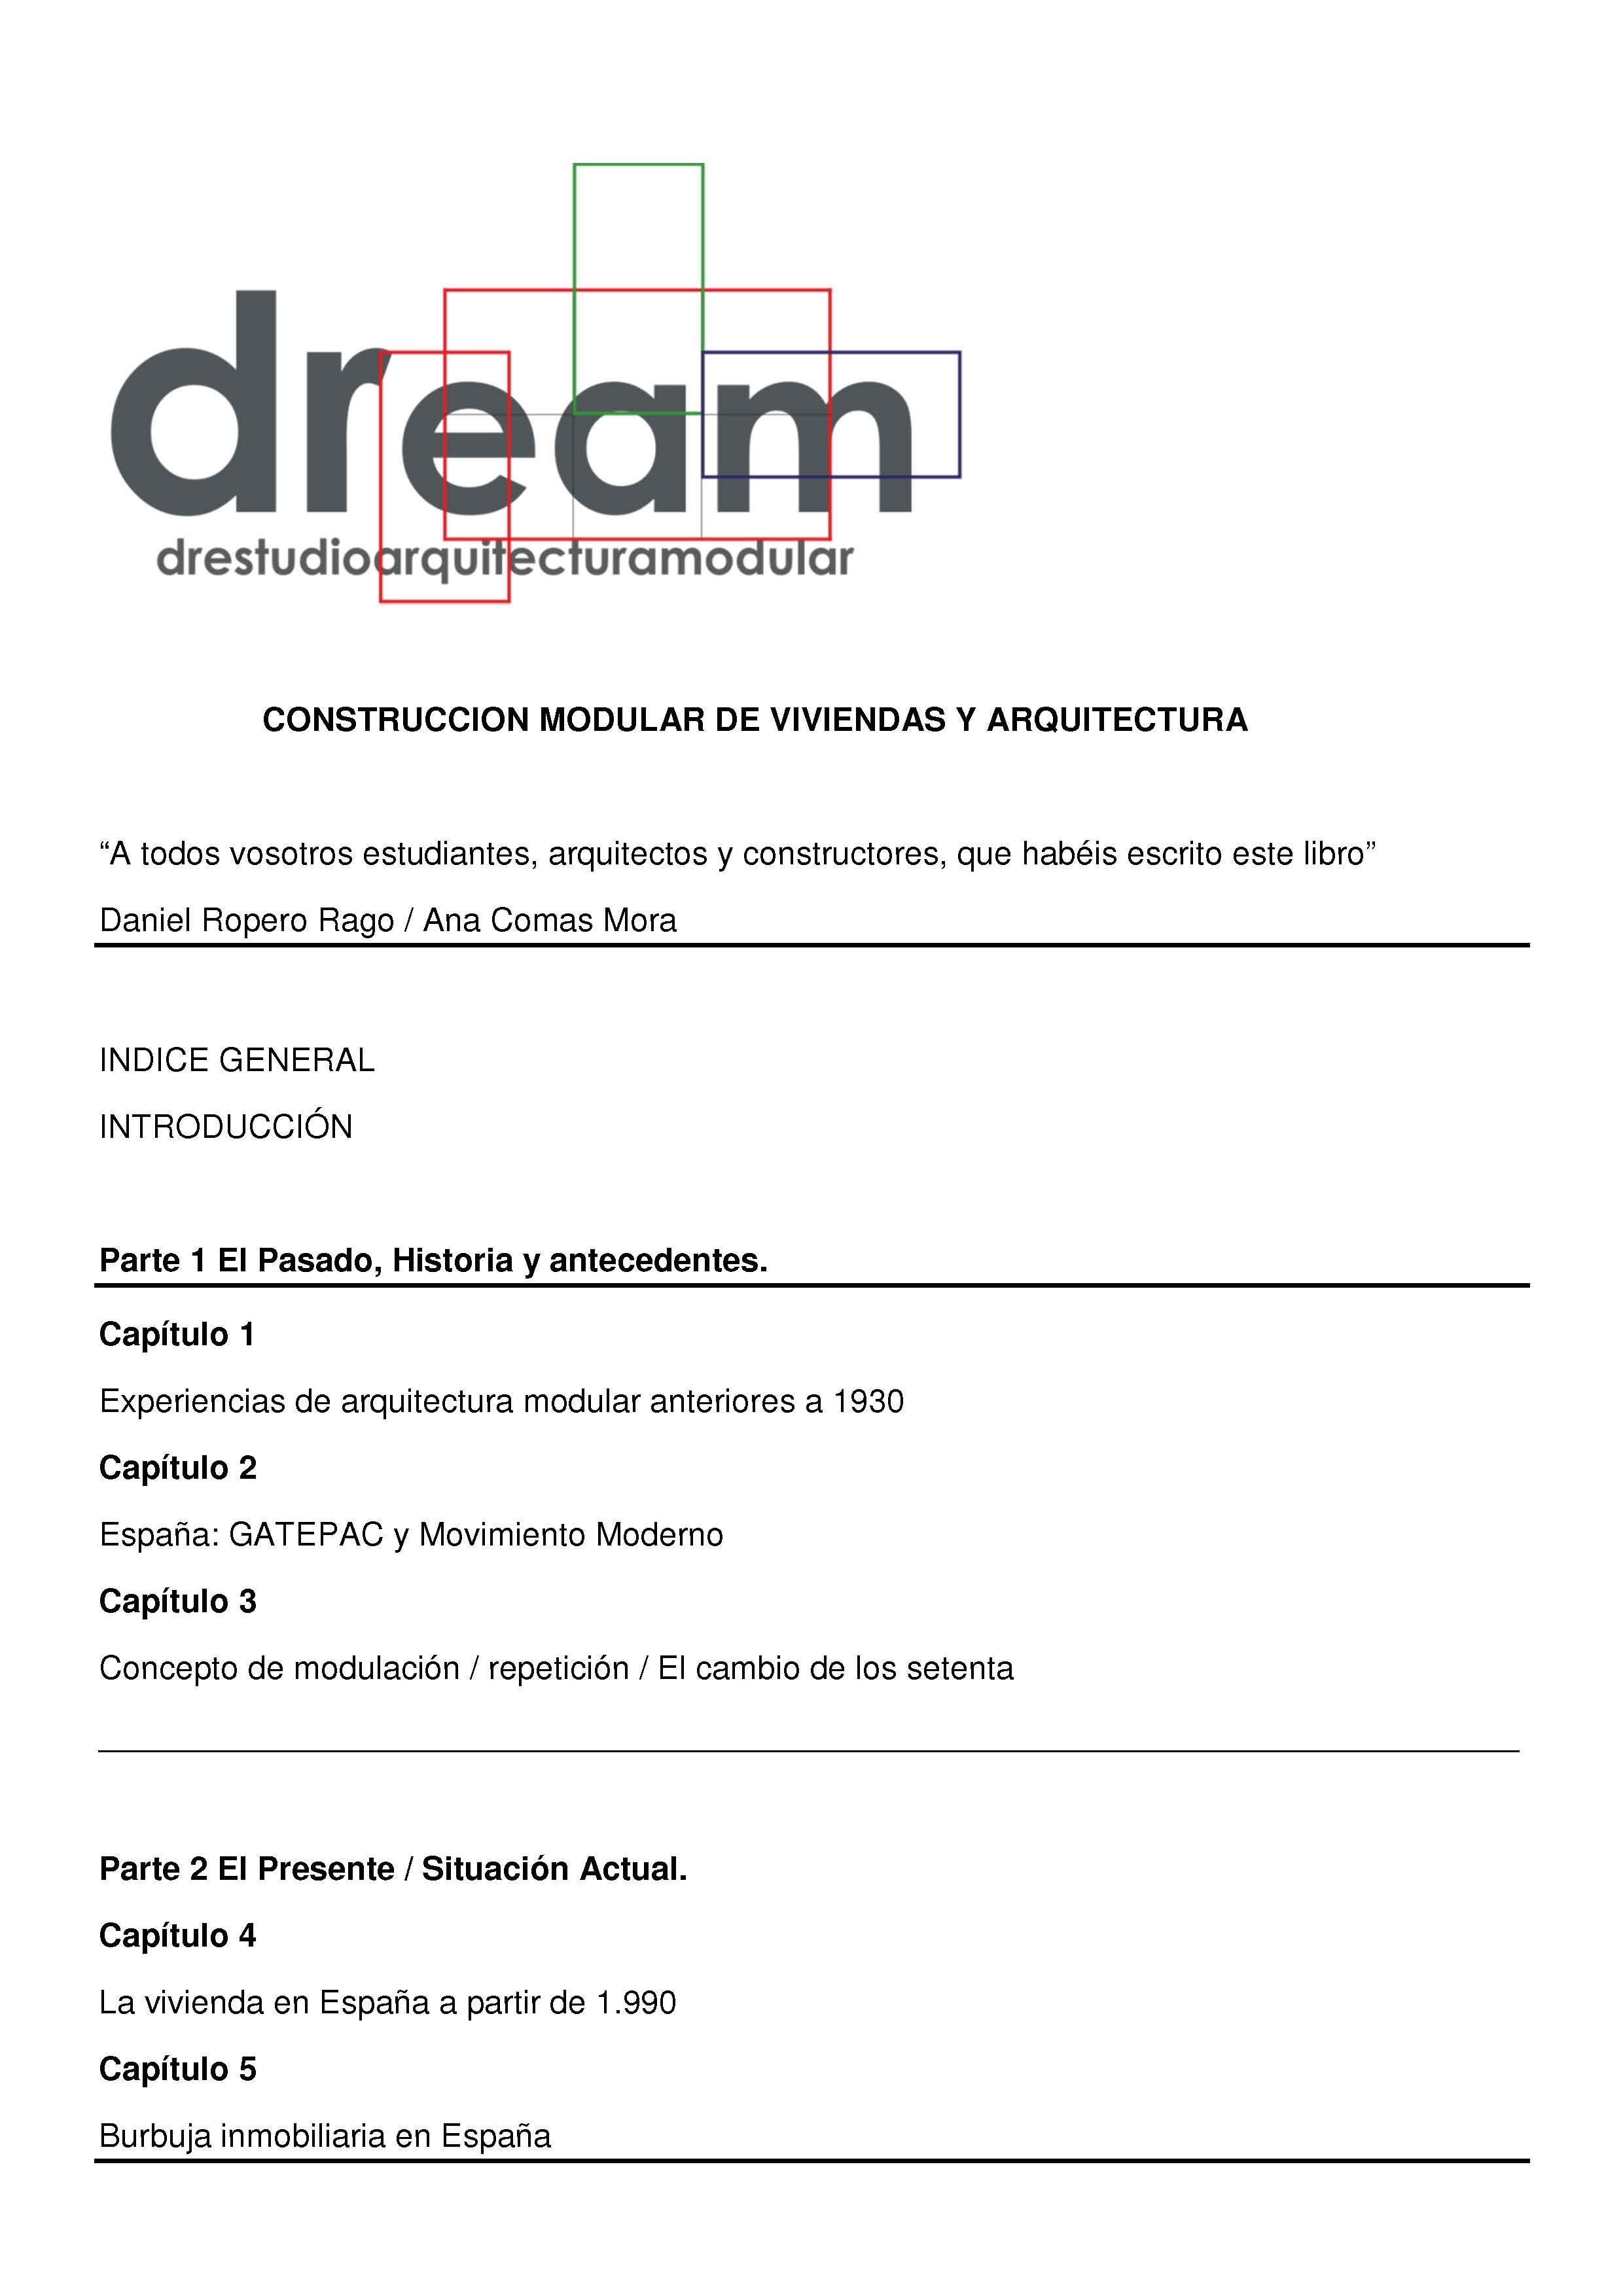 Documento construcci n modular de viviendas y for Estudio de arquitectura en ingles